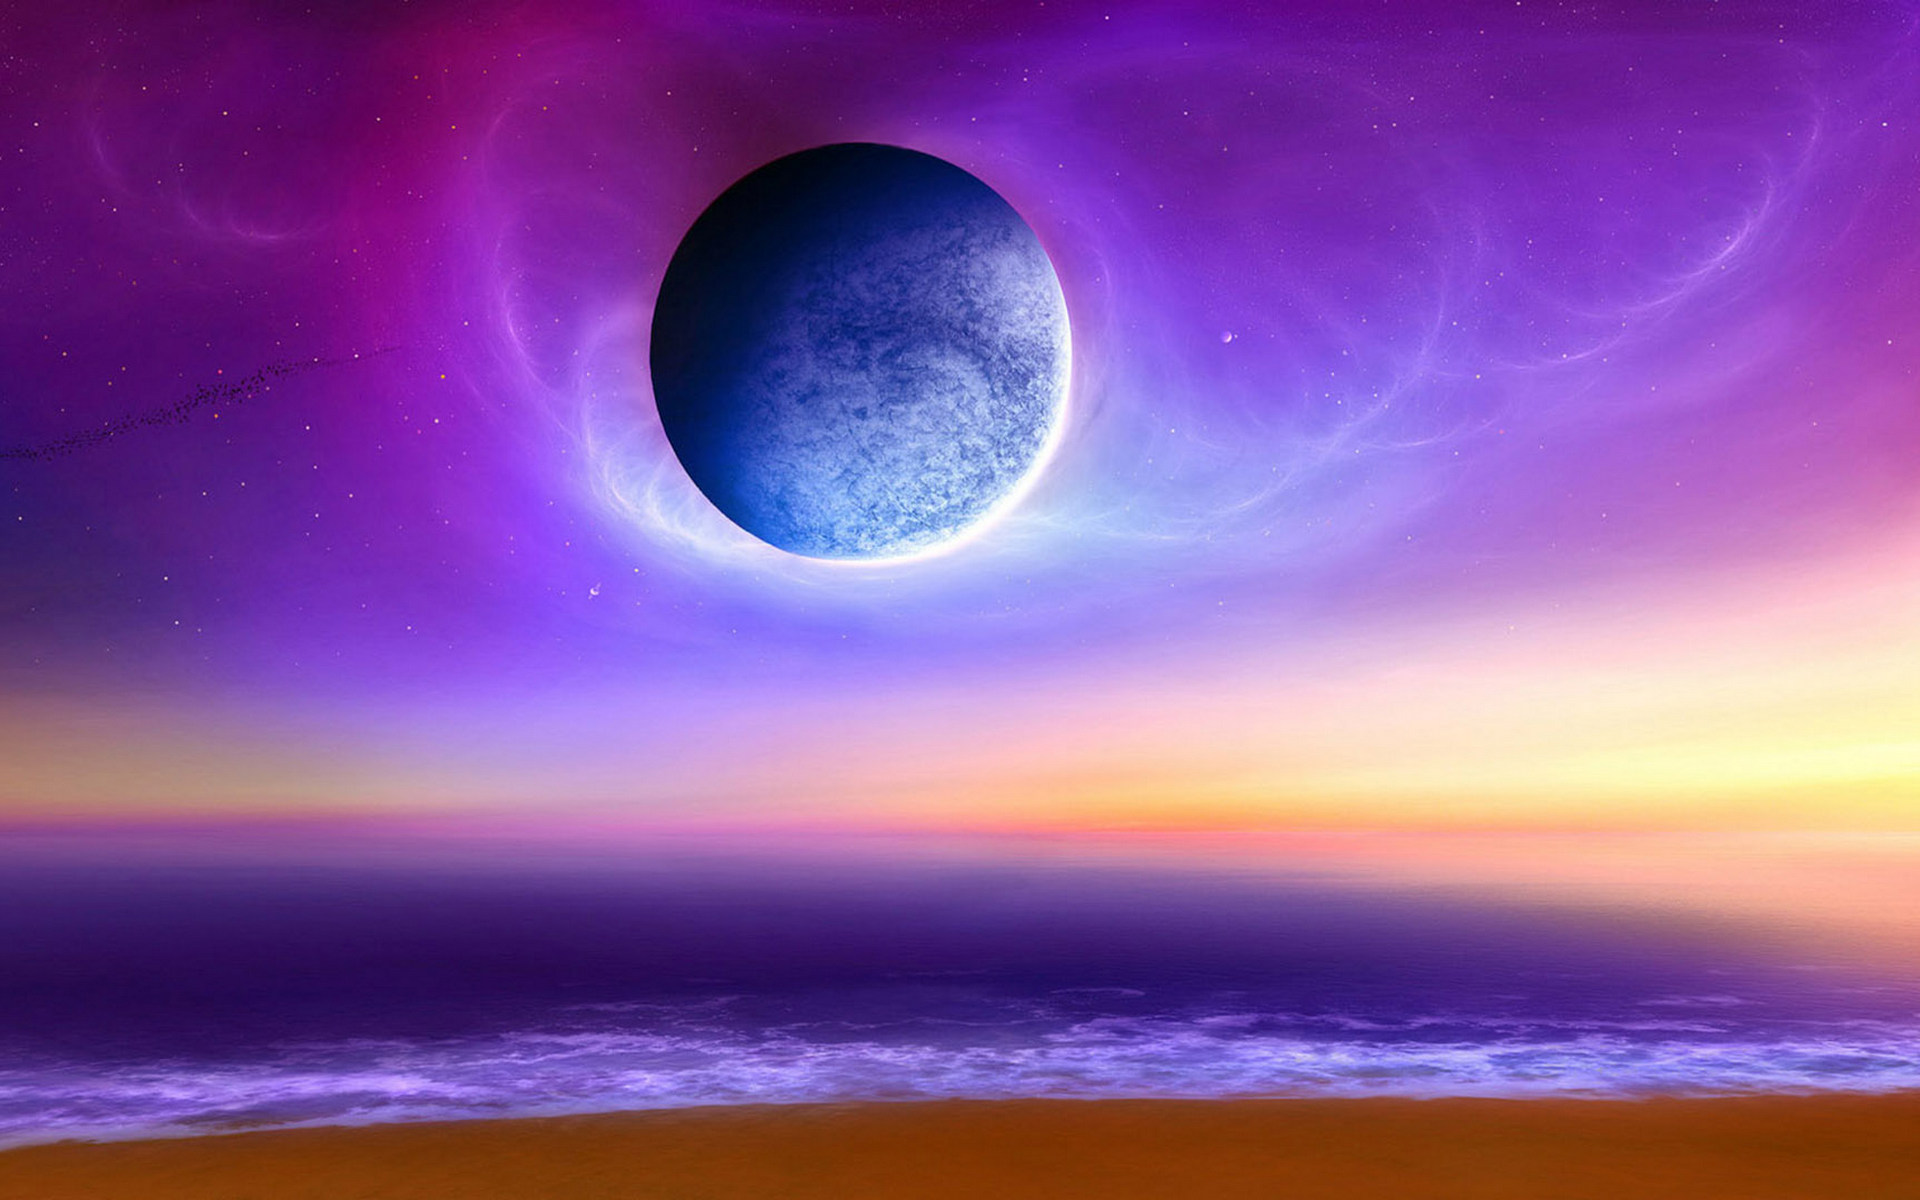 Обои космос планета кольна звезда картинки на рабочий стол на тему Космос - скачать скачать